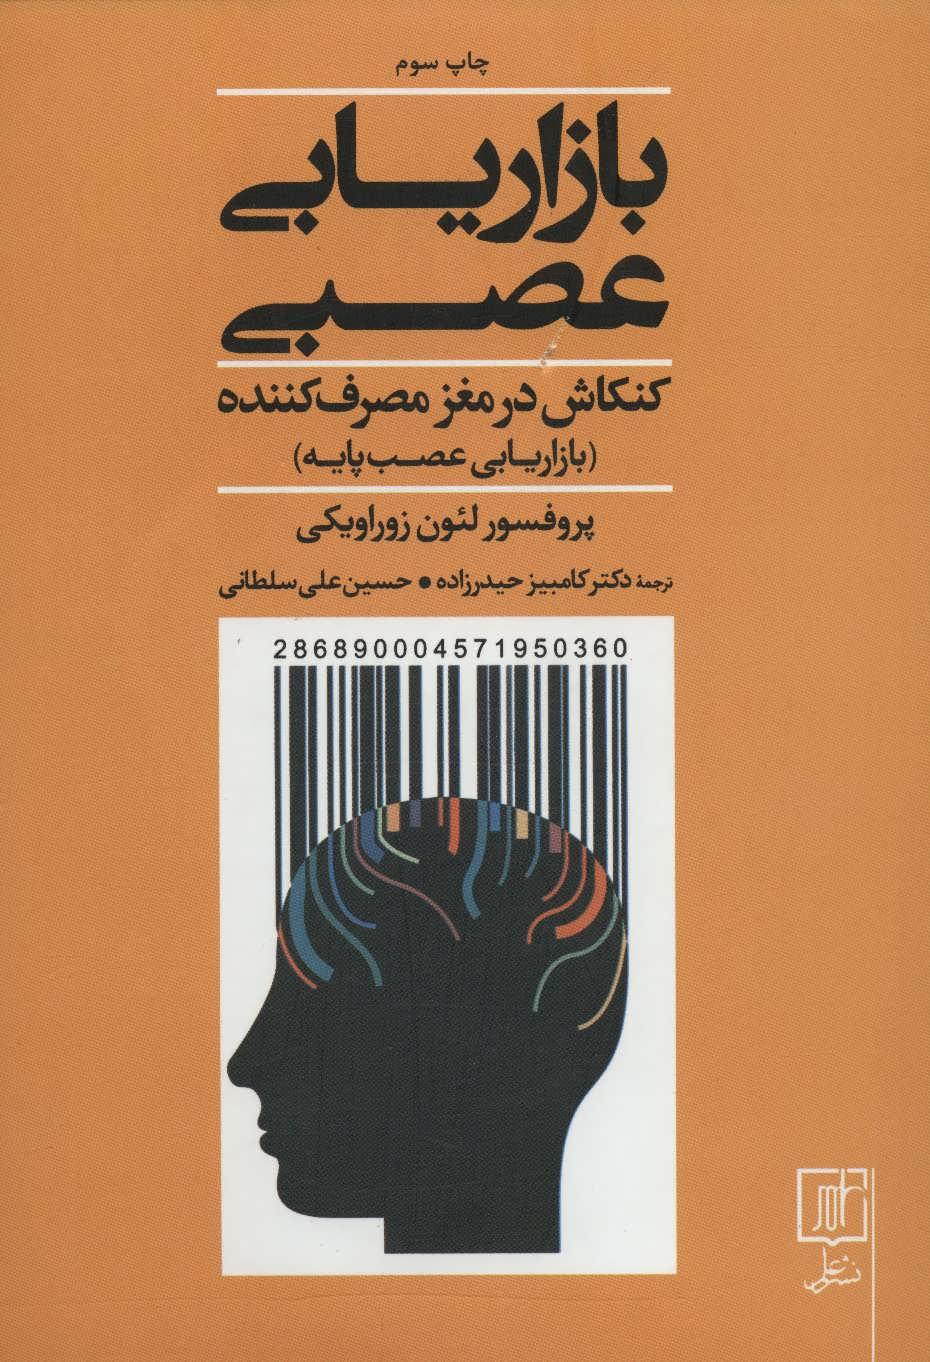 کتاب بازاریابی عصبی